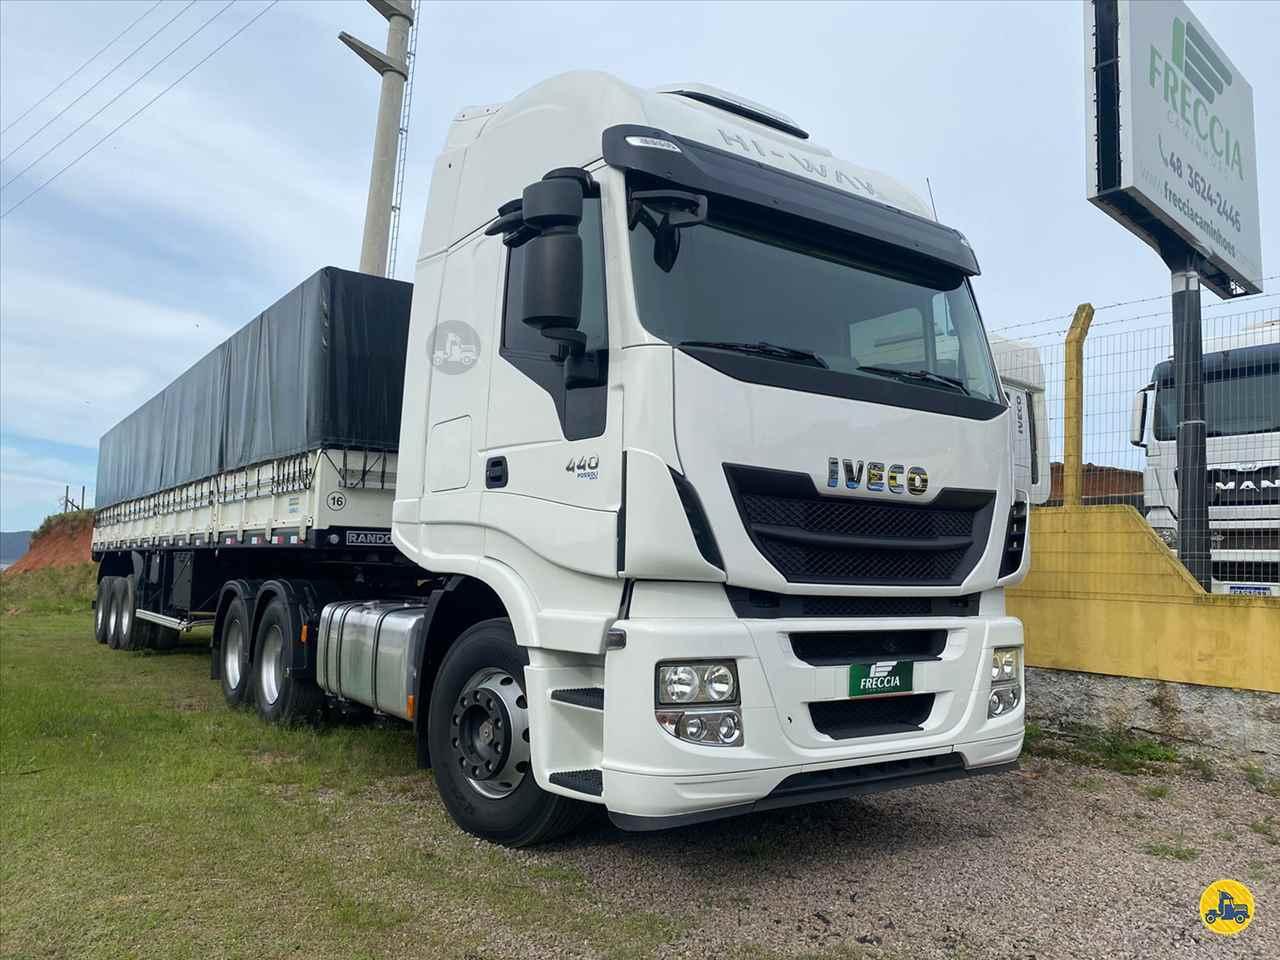 CAMINHAO IVECO STRALIS 440 Graneleiro Truck 6x2 Freccia Caminhões JAGUARUNA SANTA CATARINA SC